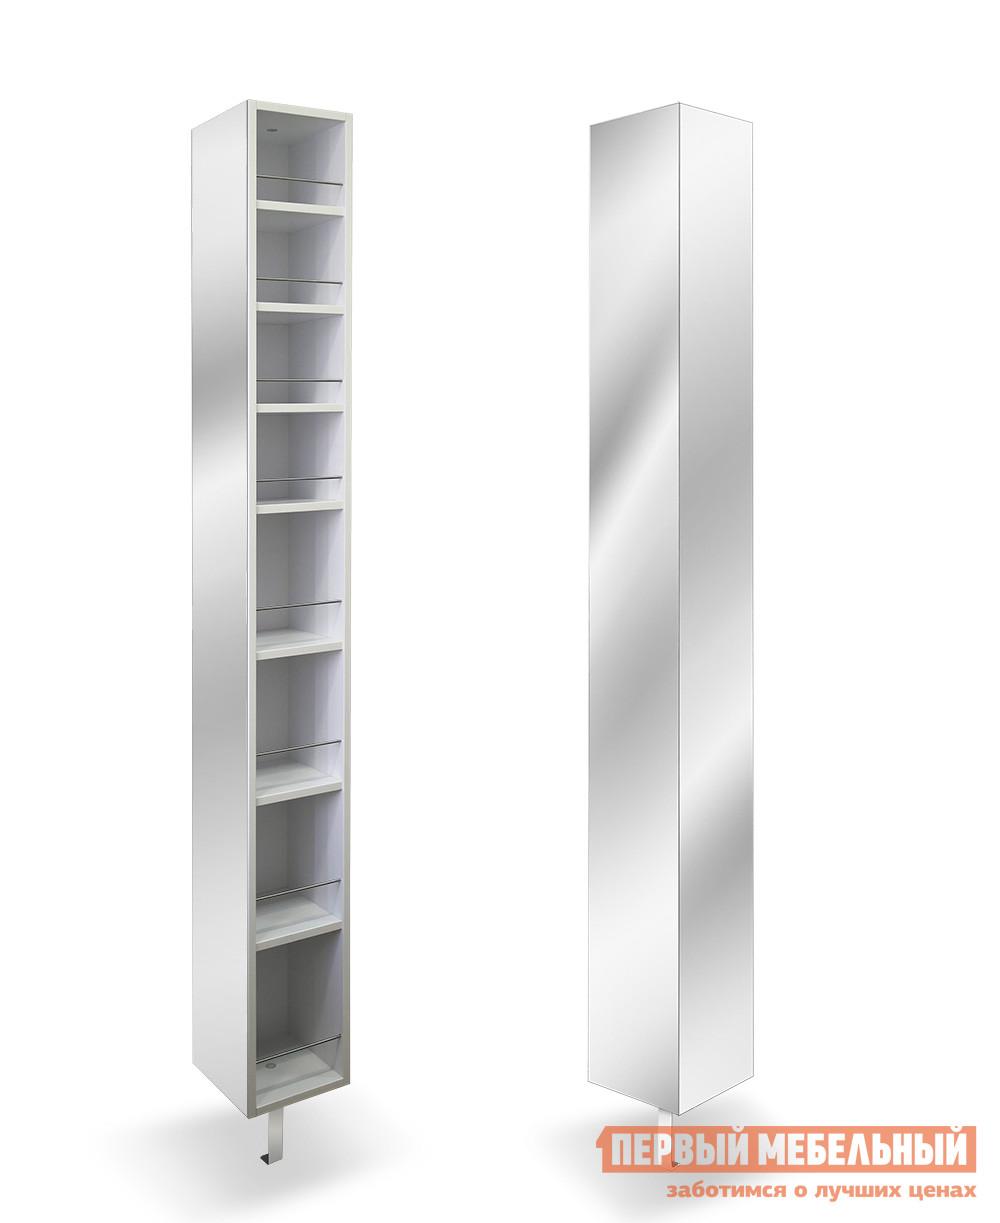 Стеллаж Shelf On Спика Шелф зеркало шкафчик shelf on хоп шелф арт